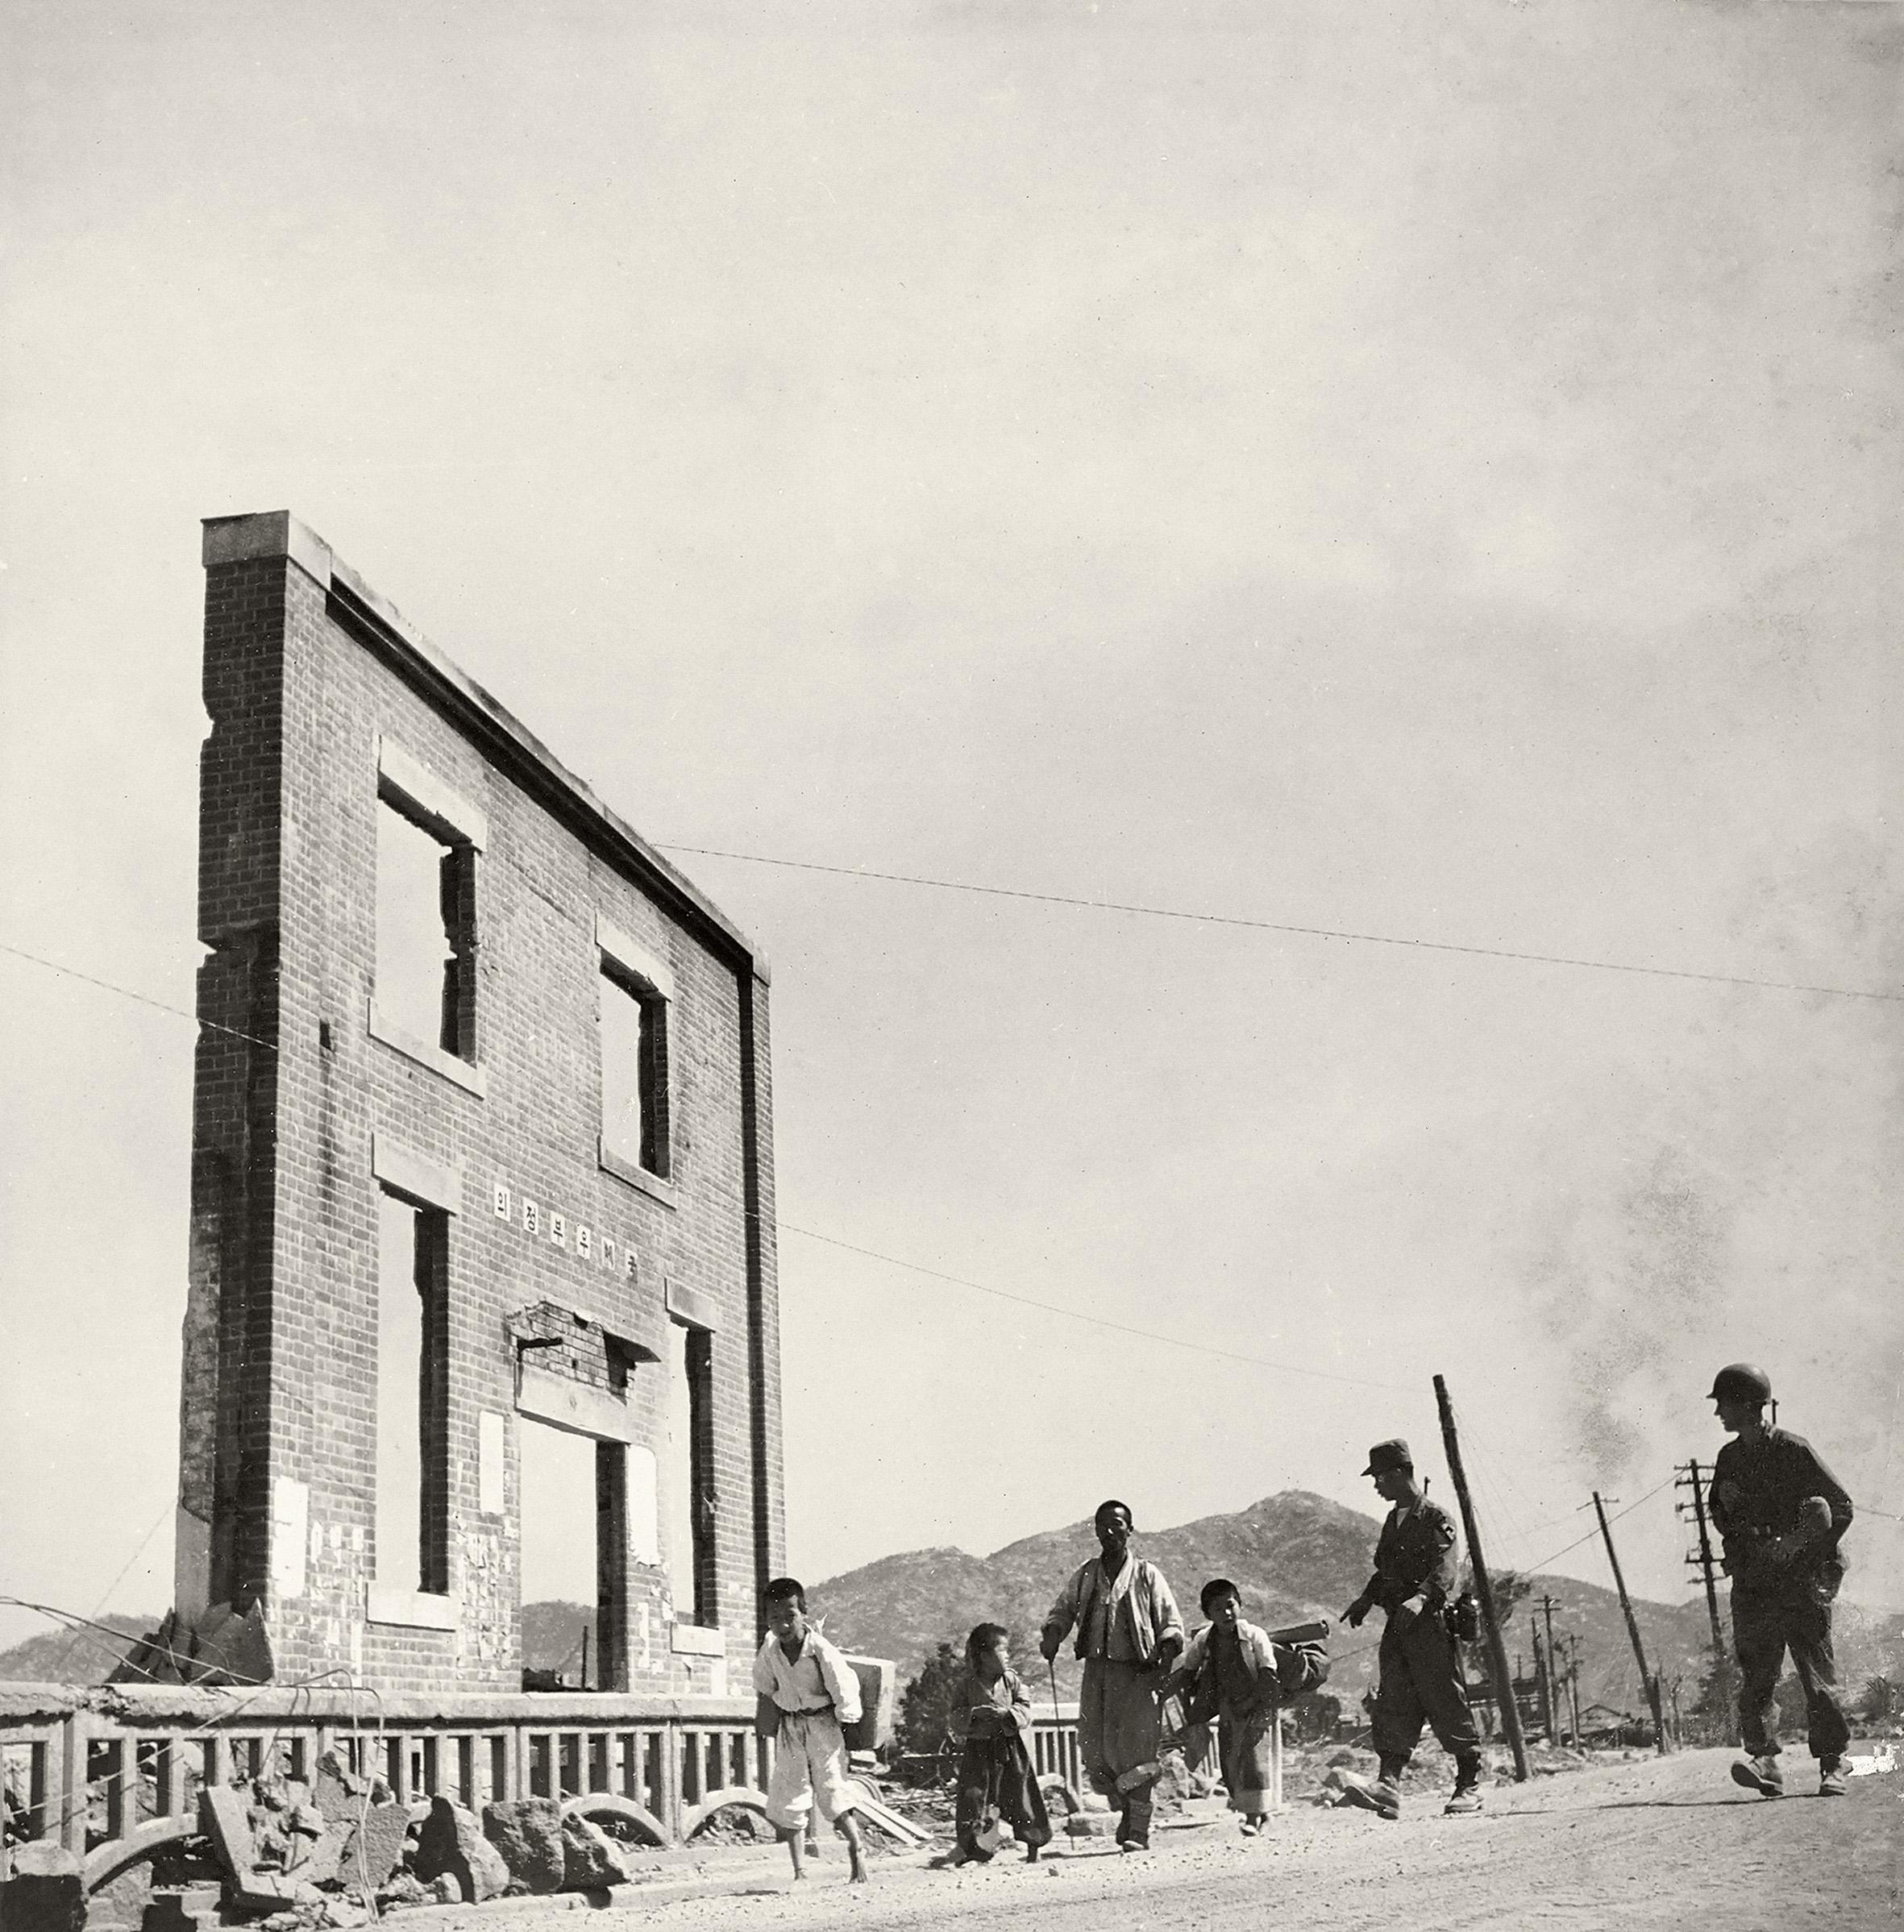 Refugiados e soldados norte-americanos em Seul após a retomada da cidade. Seul, Coreia do Sul, março de 1951